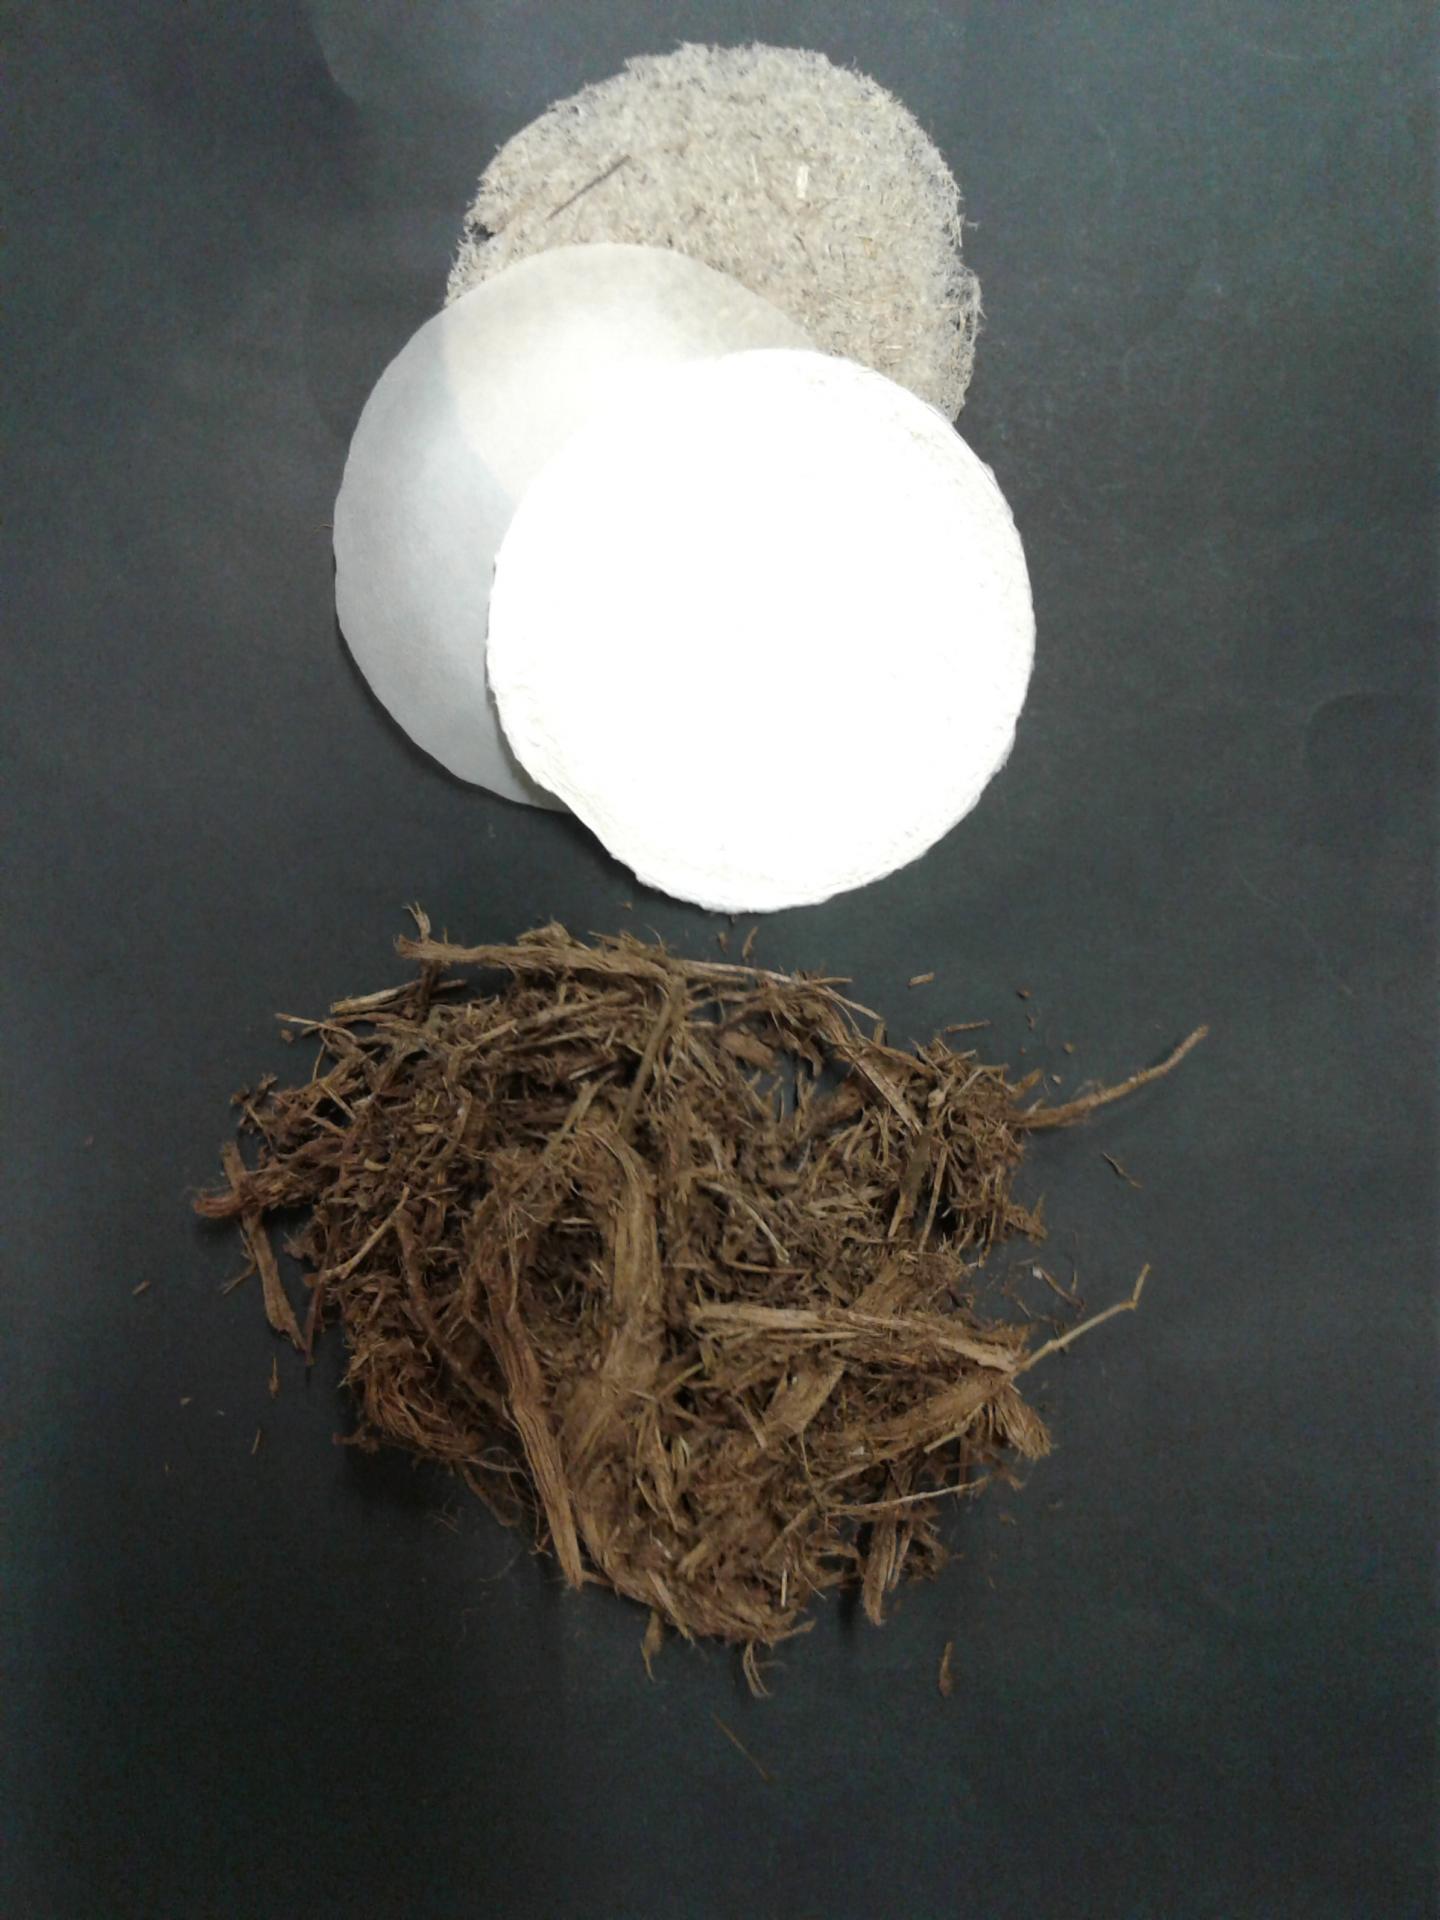 Em vez de árvores, pesquisadores estão produzindo papel feito de estrume 1